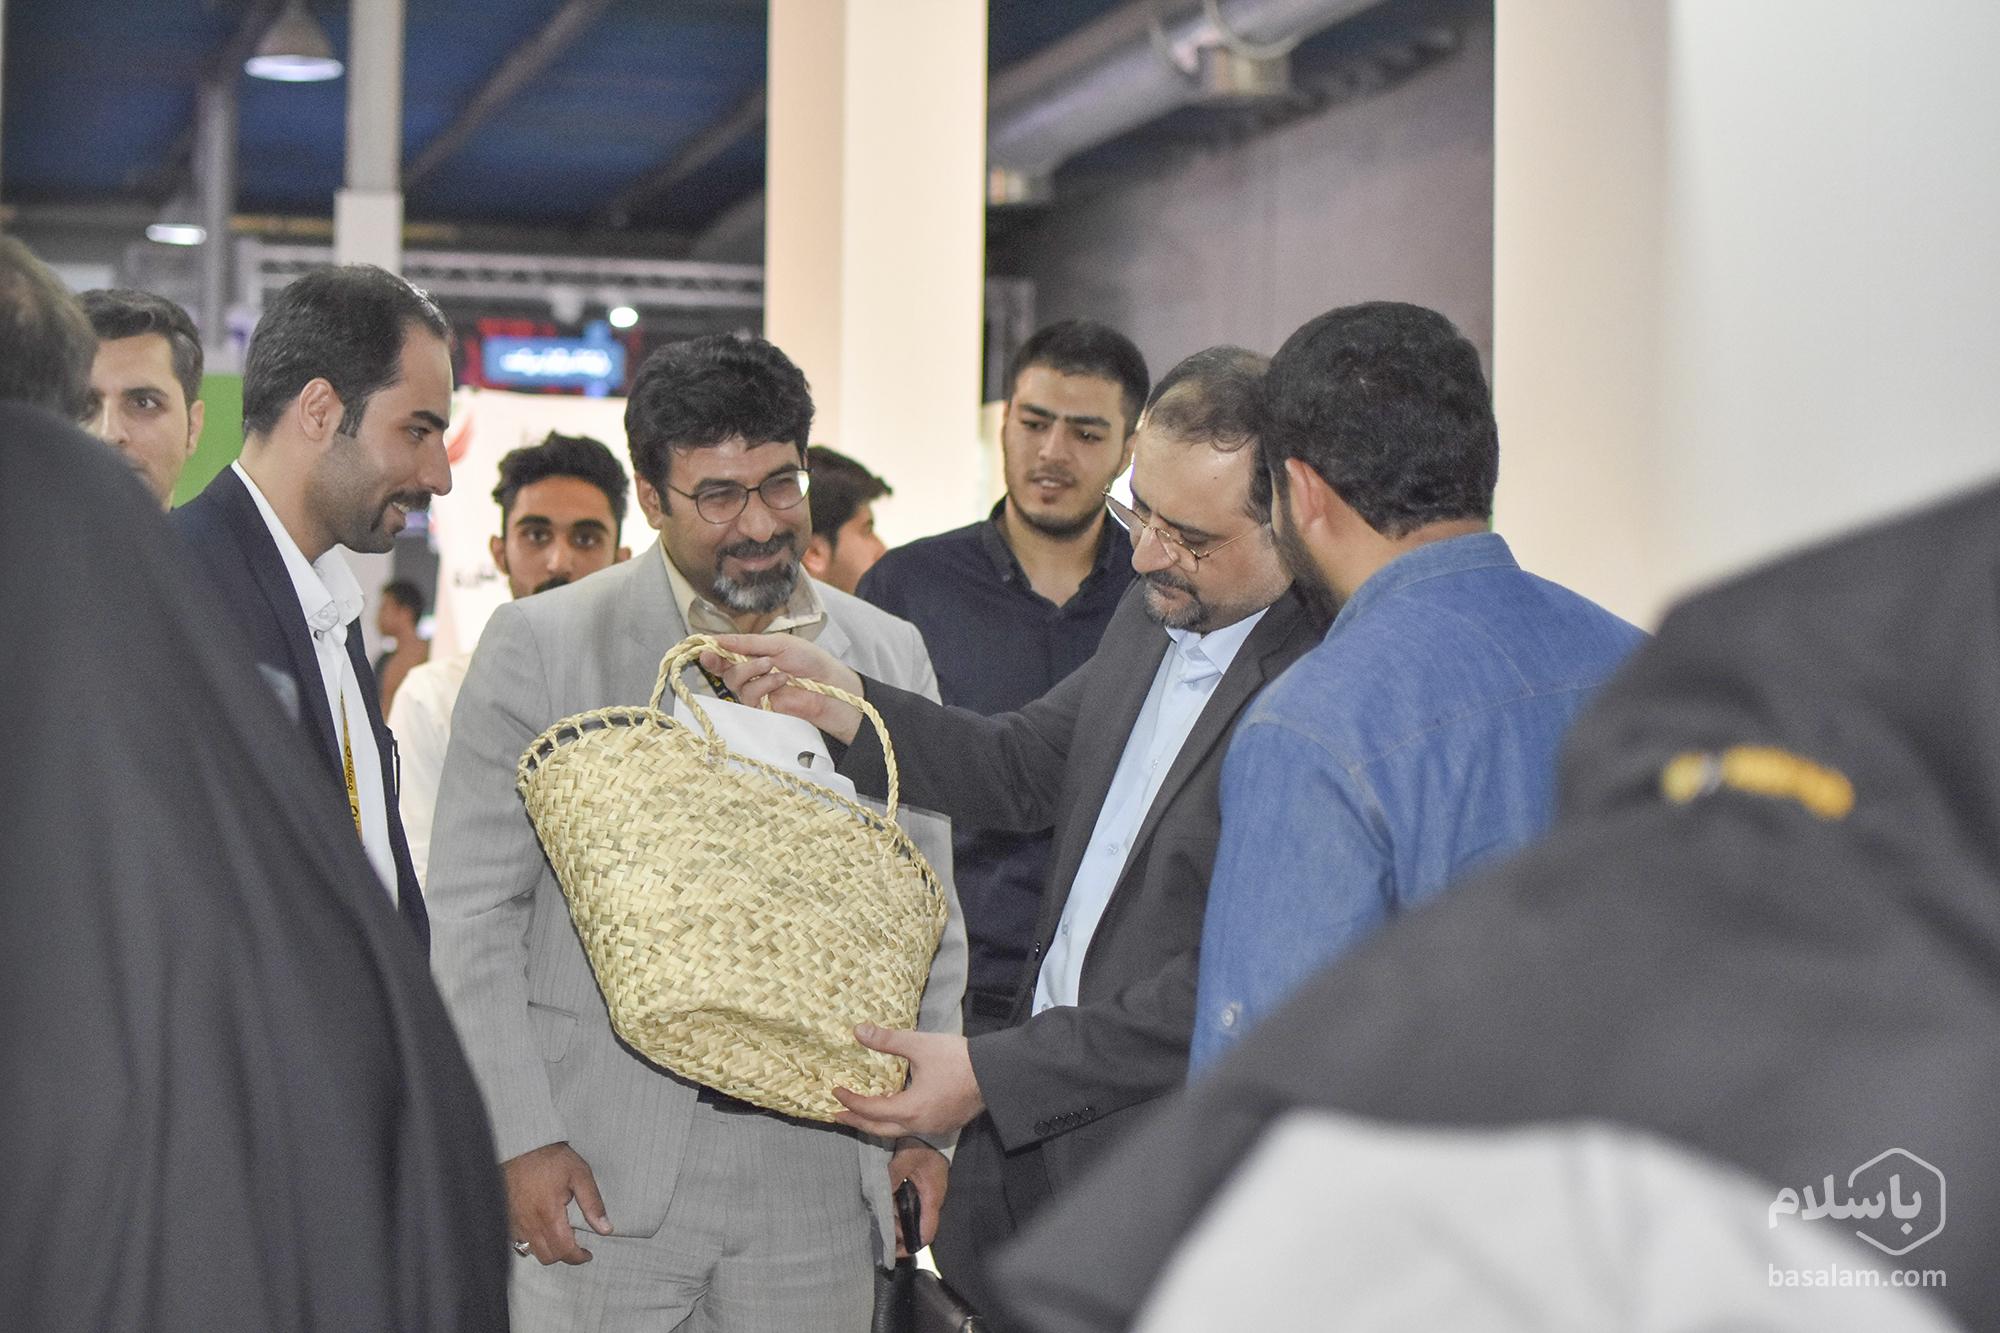 بازدید از غرفه باسلام در رویداد الکامپ